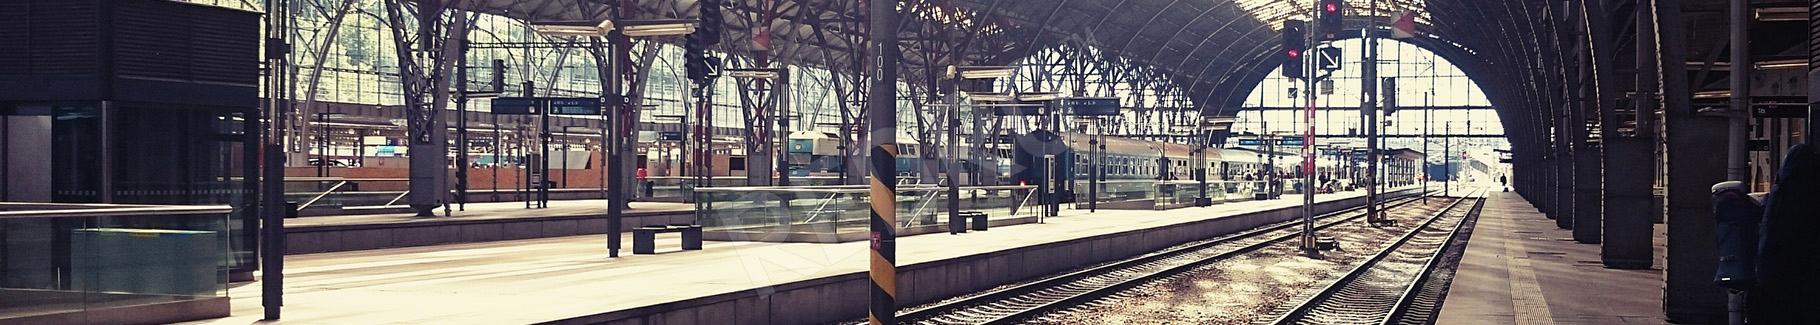 Fototapeta dworzec kolejowy 3d